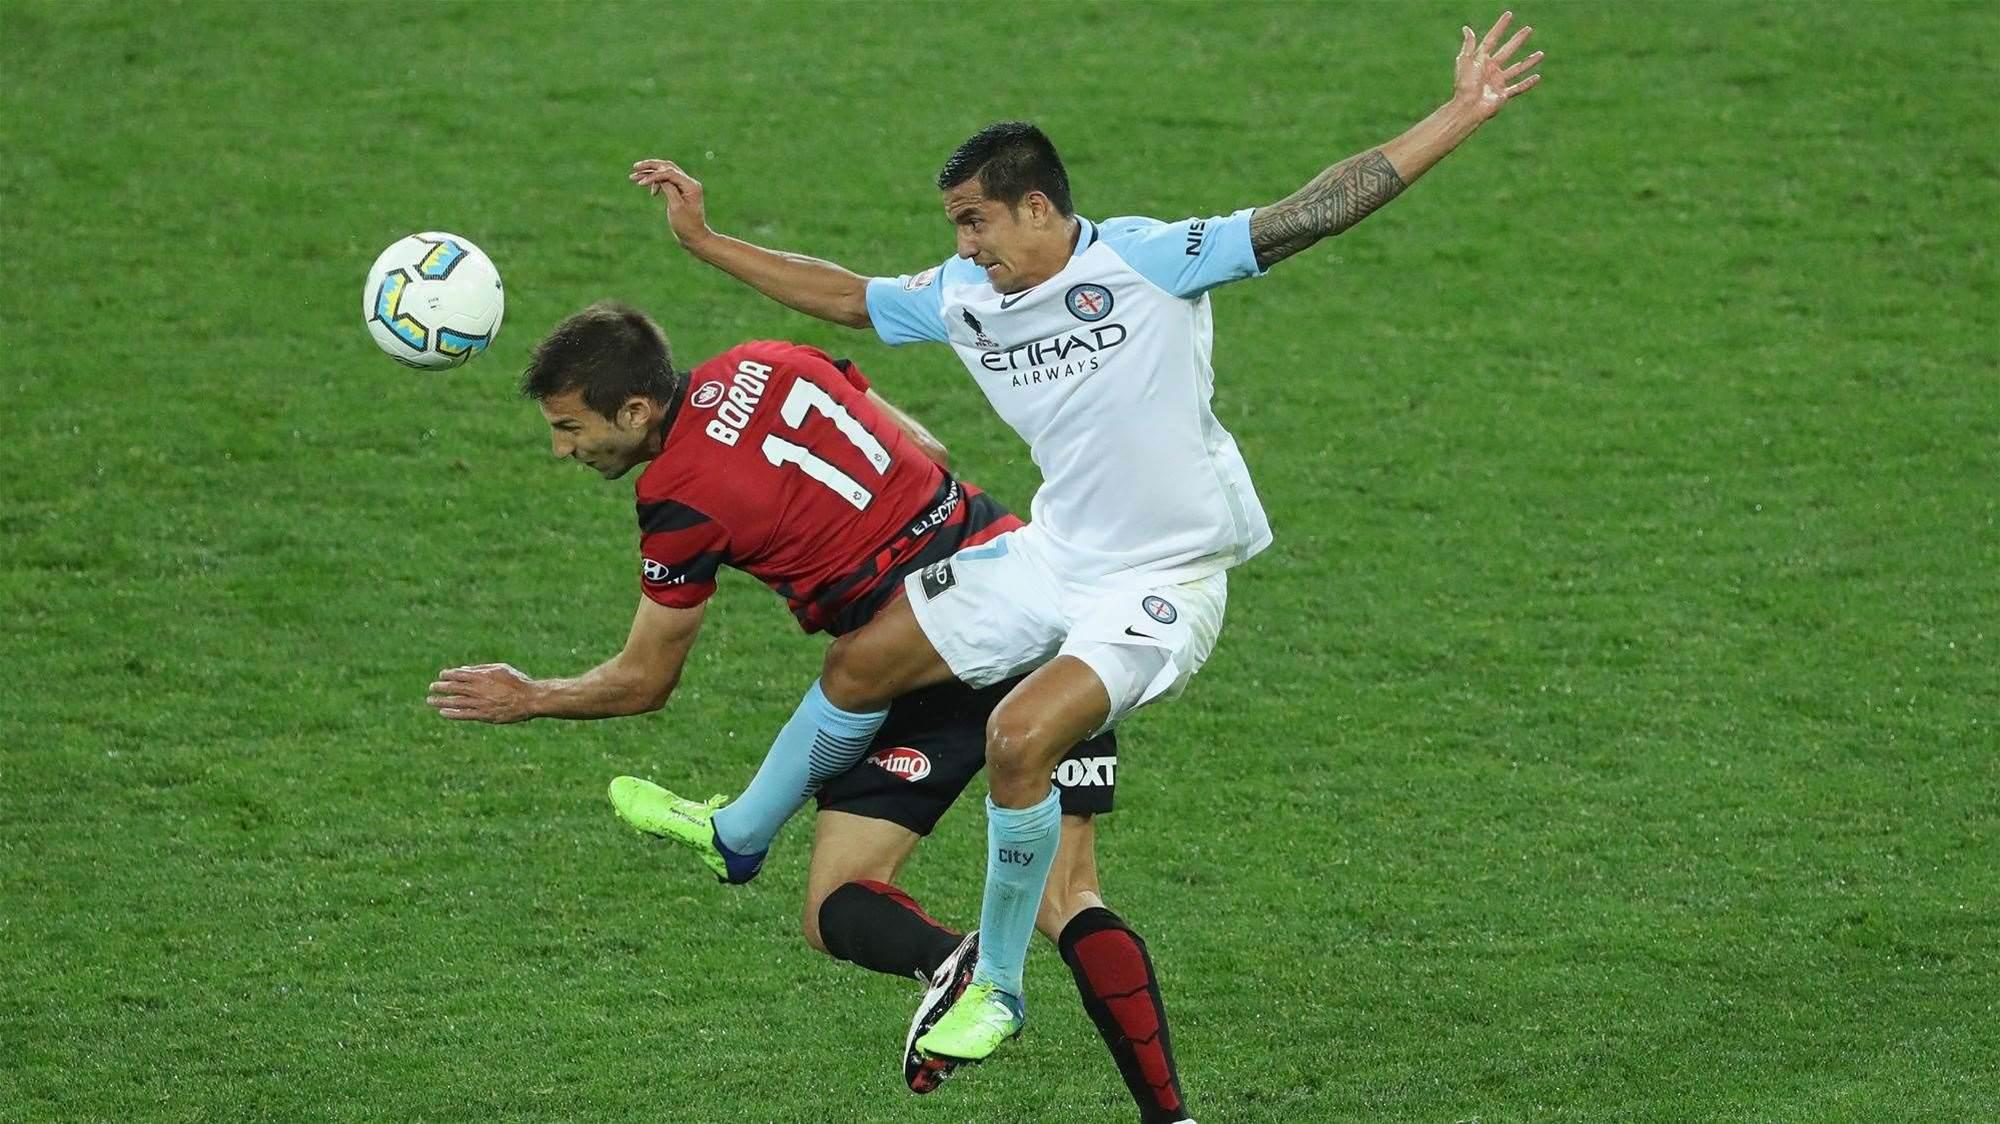 City into the FFA Cup semi-final